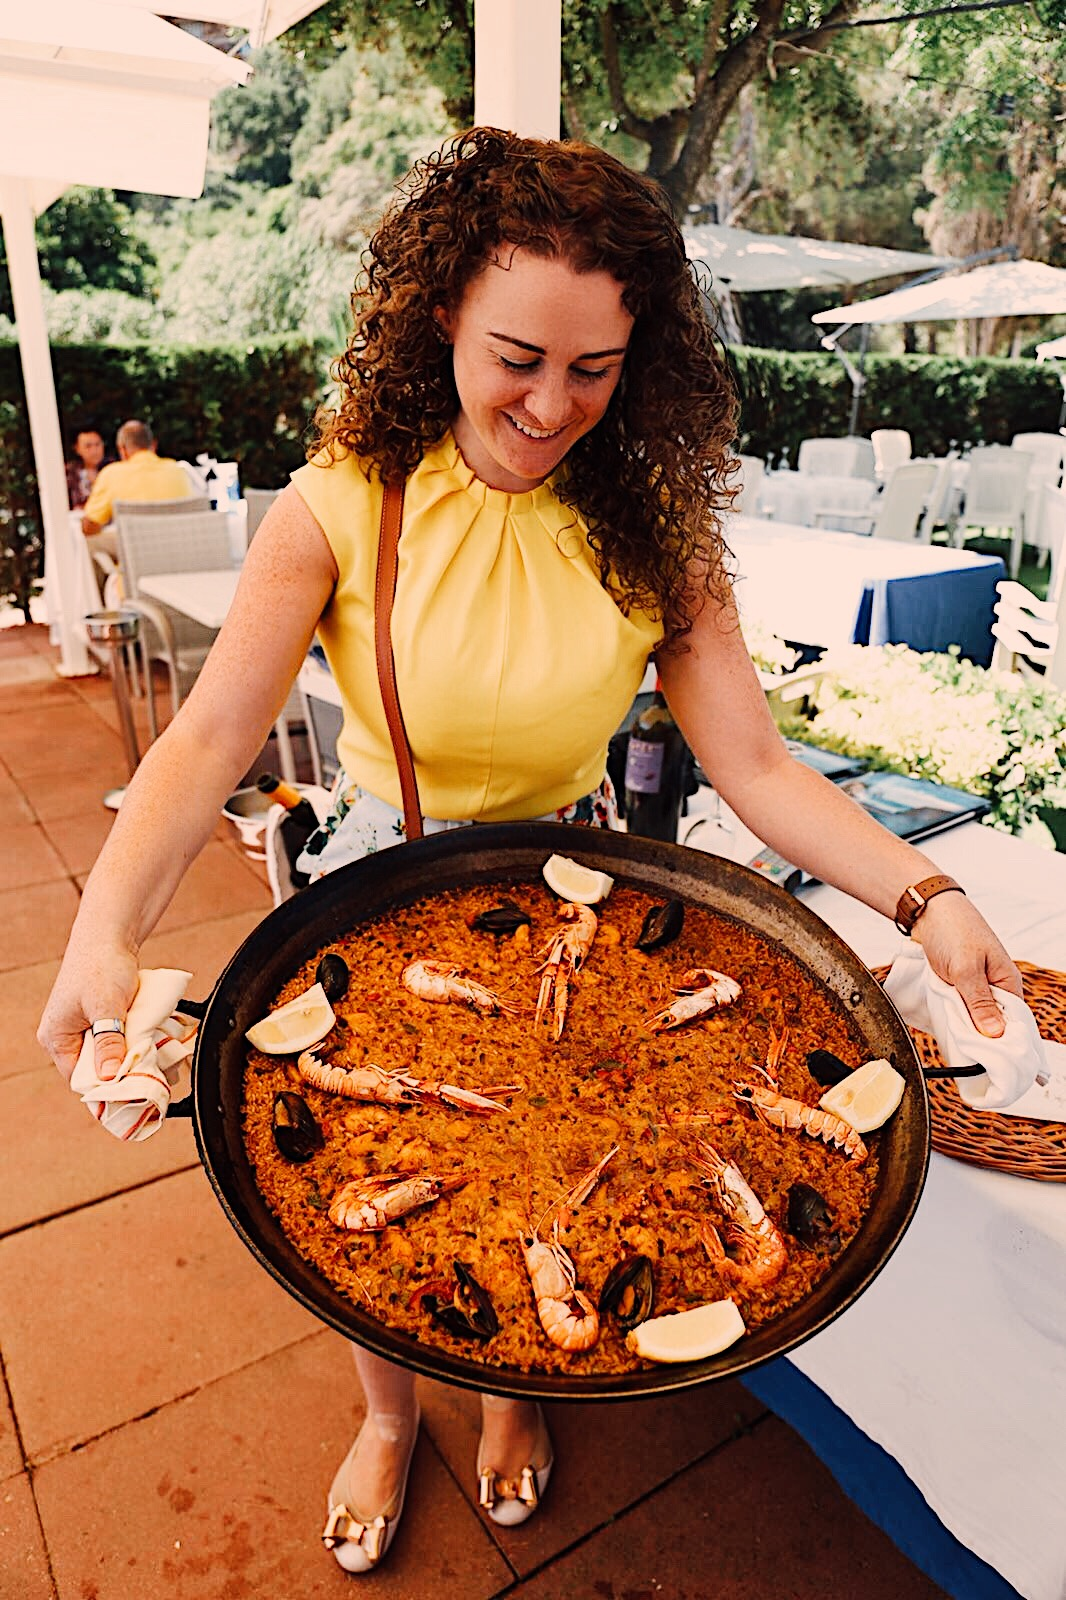 Eating Paella in Spain